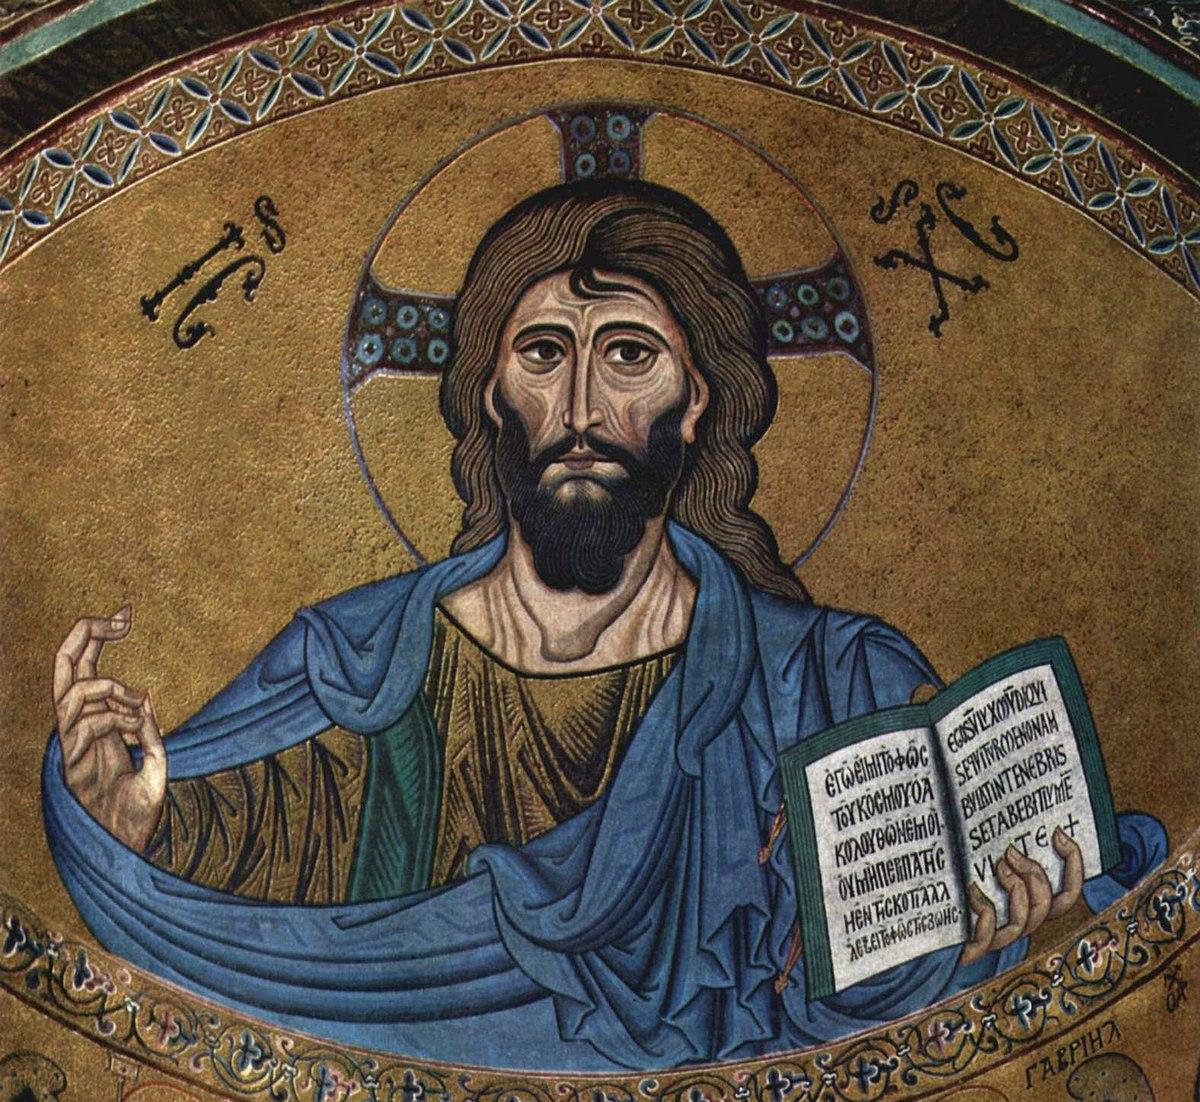 Христ Пантократор се налази у куполи сваког православног храма. Тајна је у књизи коју држи и симболу који показује.